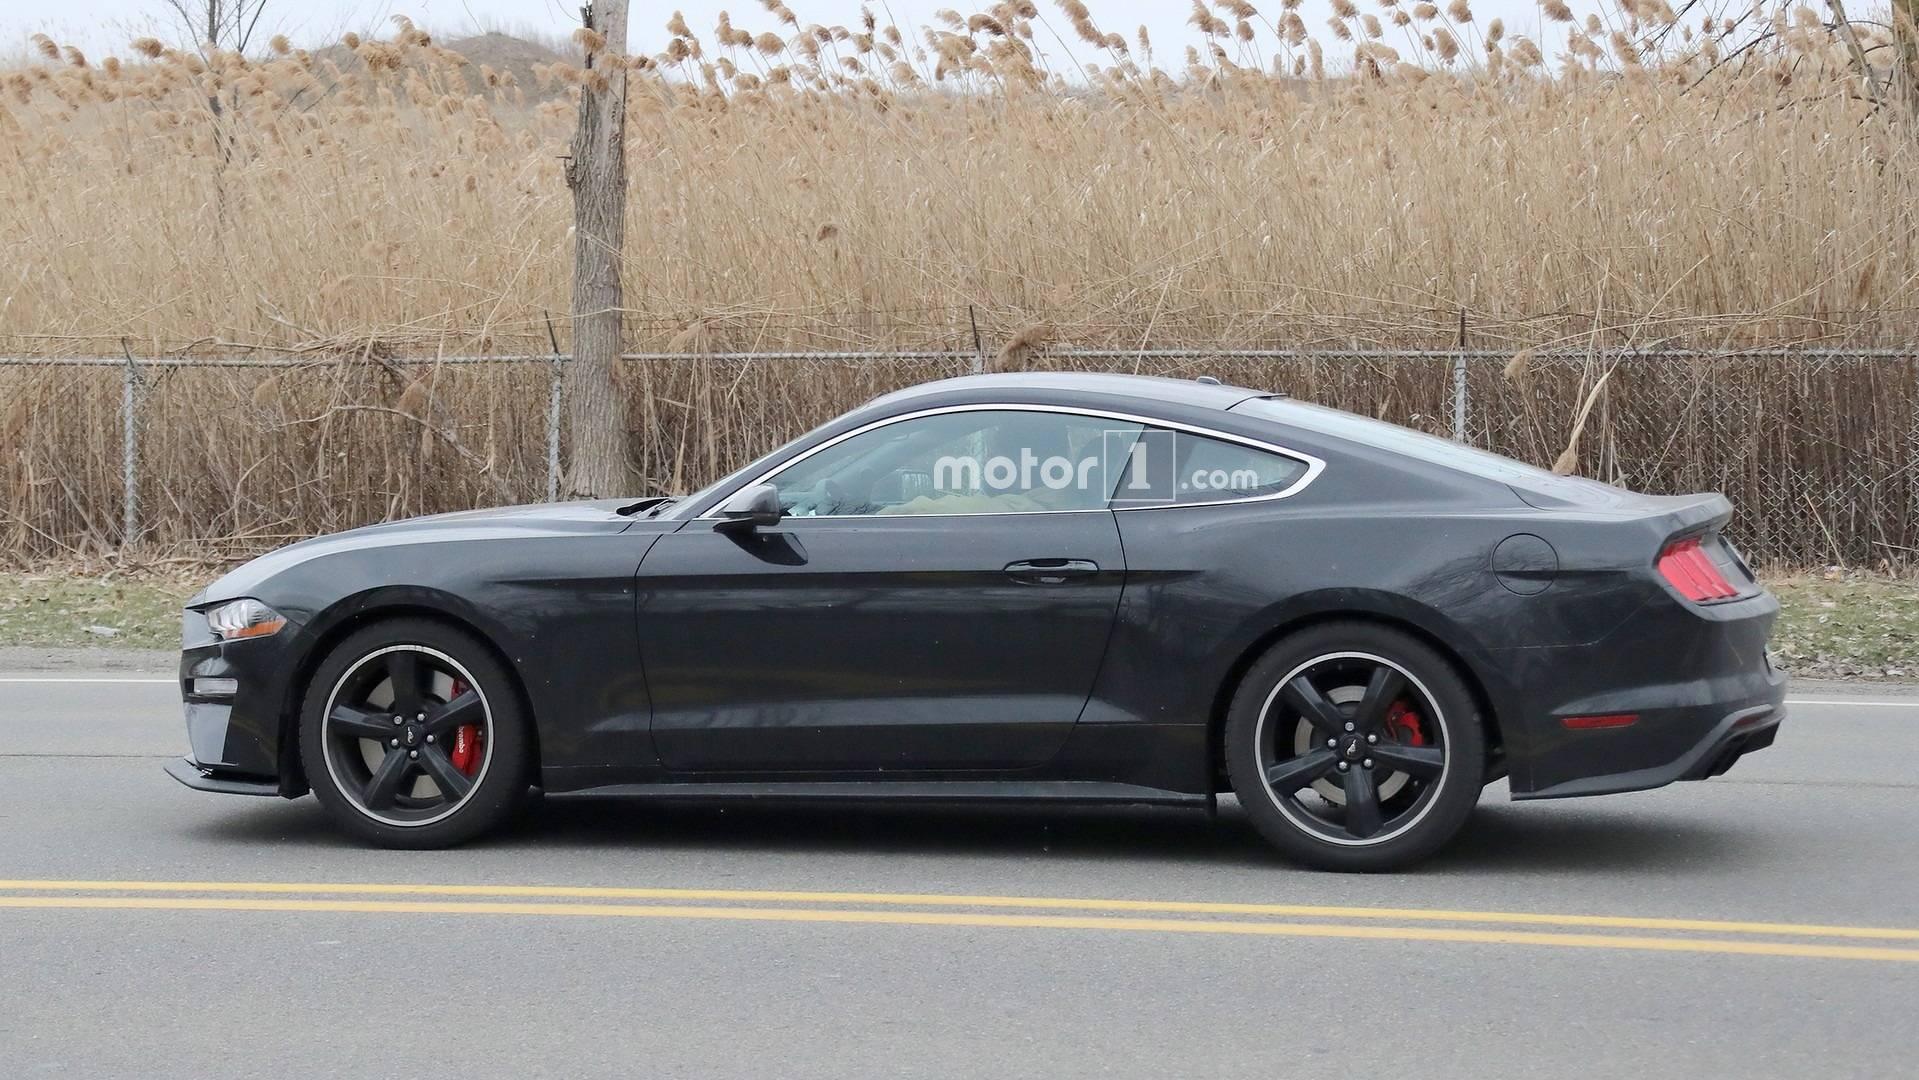 2019 Ford Mustang Bullitt Spied On The Street Update